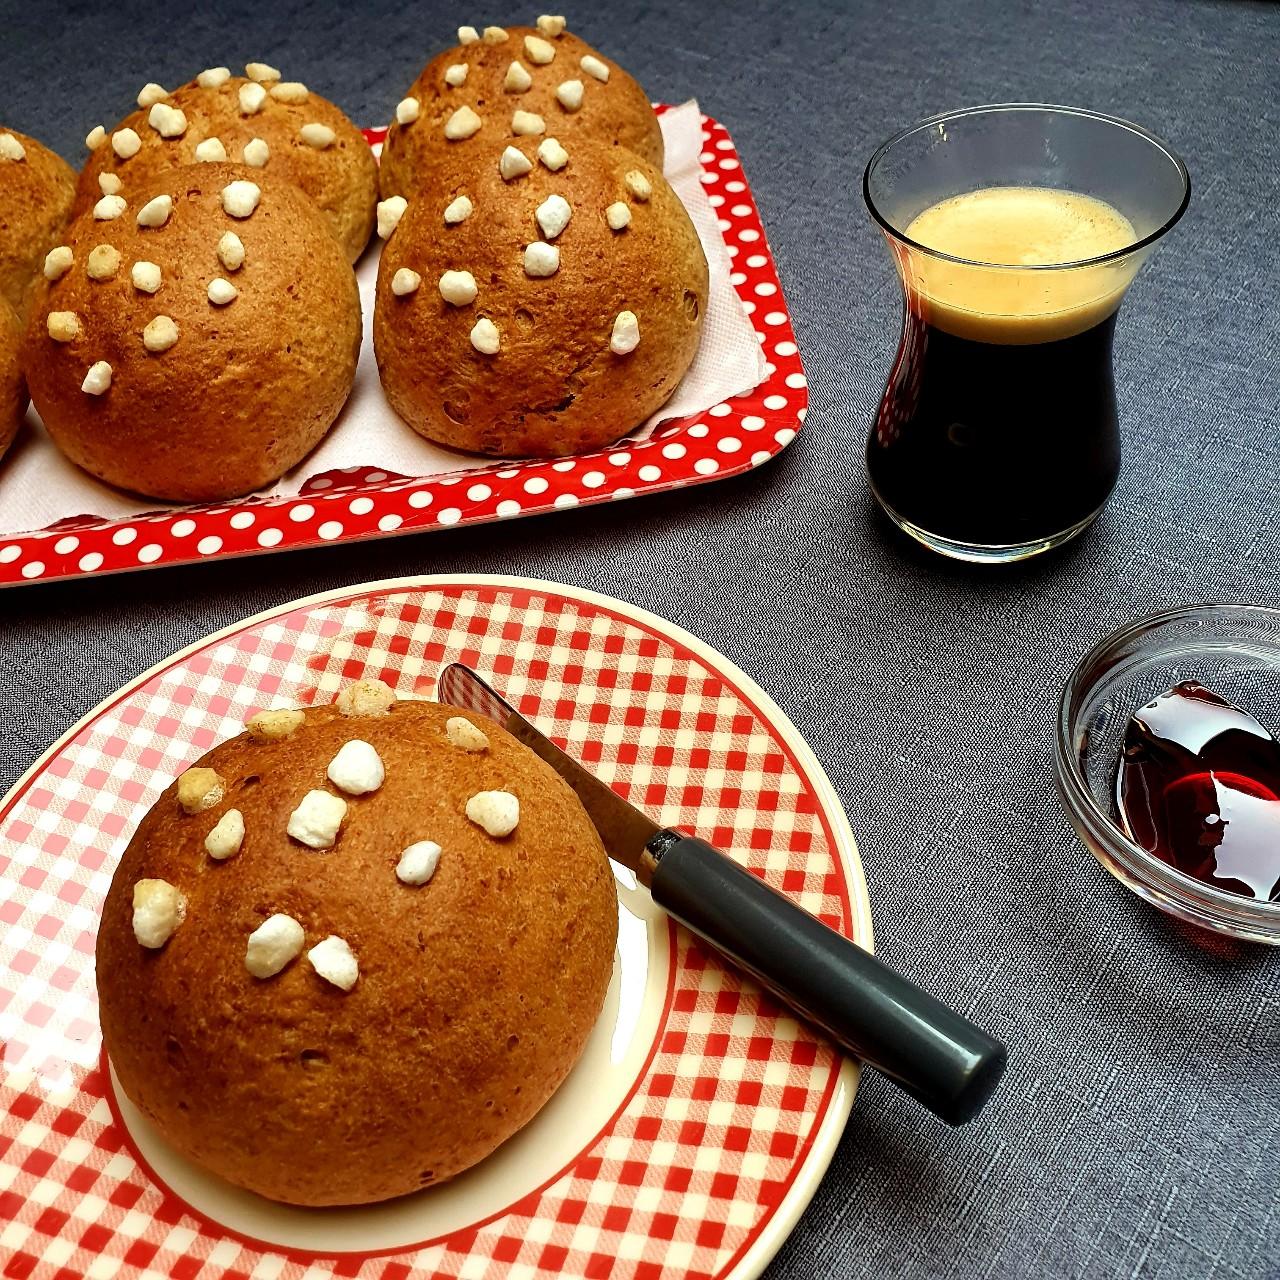 Petits pains briochés au sucre